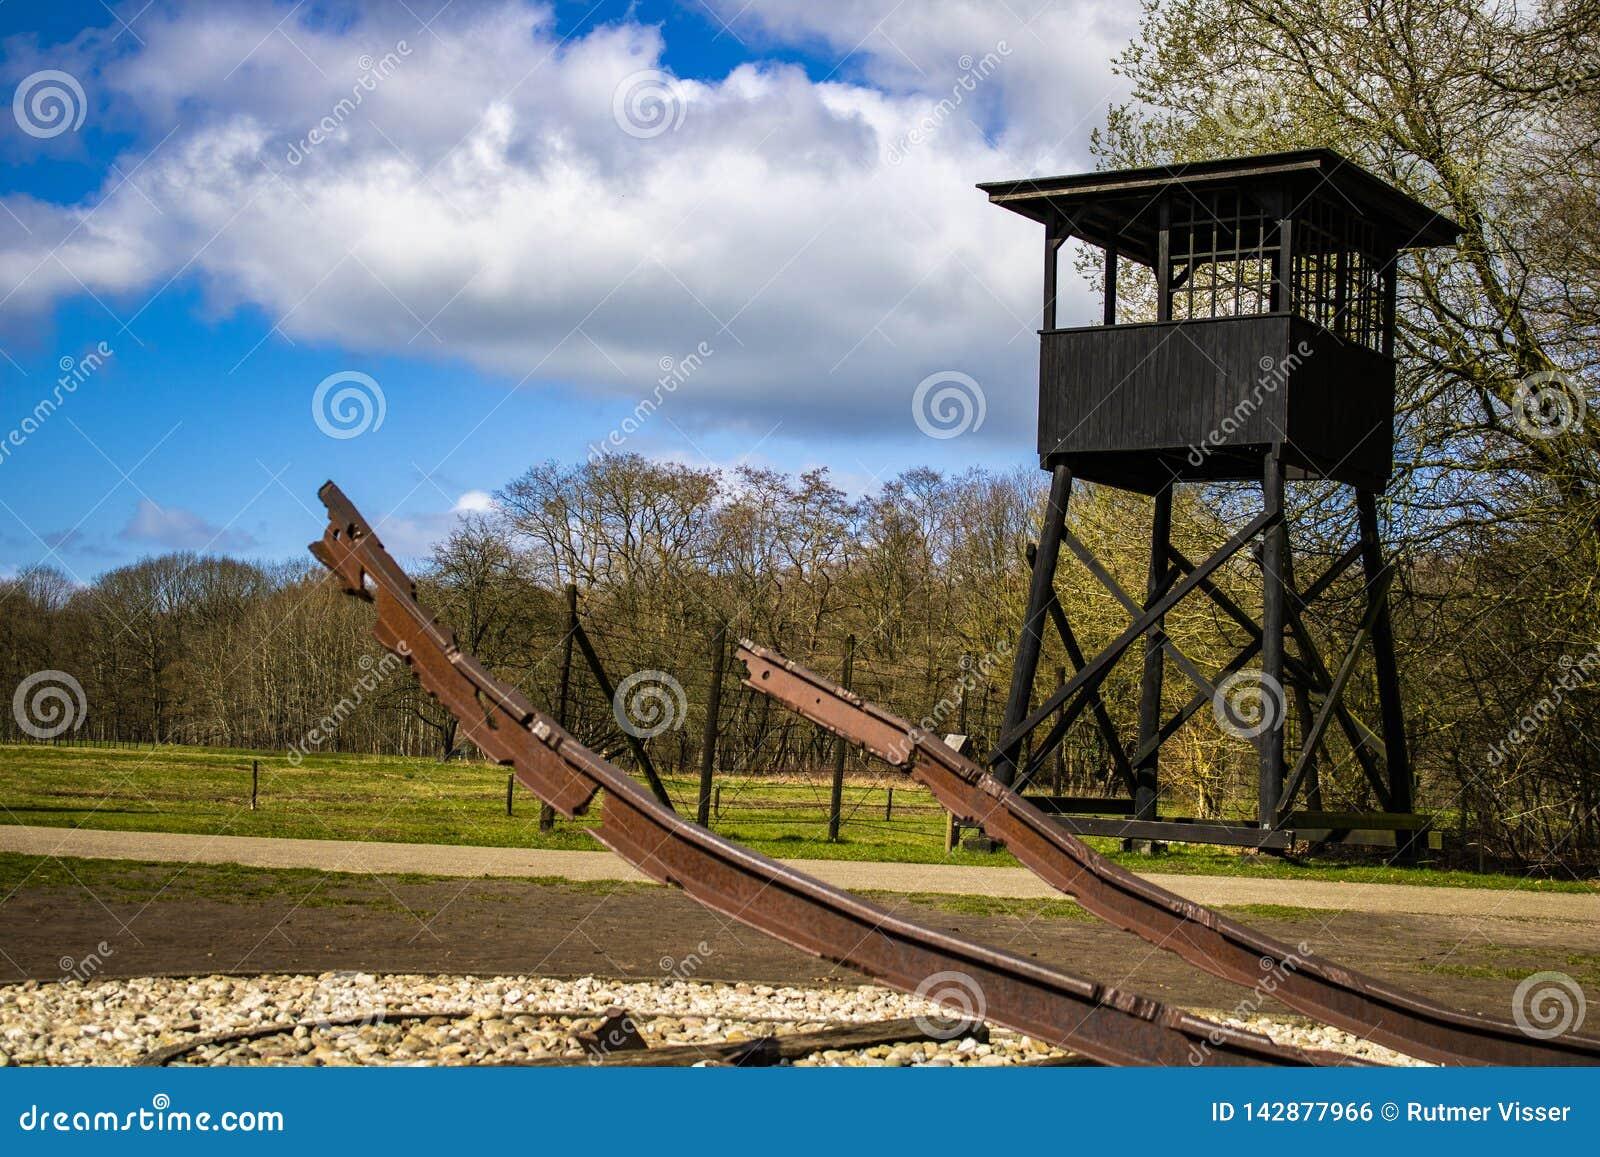 Pendant la deuxième guerre mondiale de te les soldats allemands ont transporté des personnes de westerbork de kamp en Hollande au